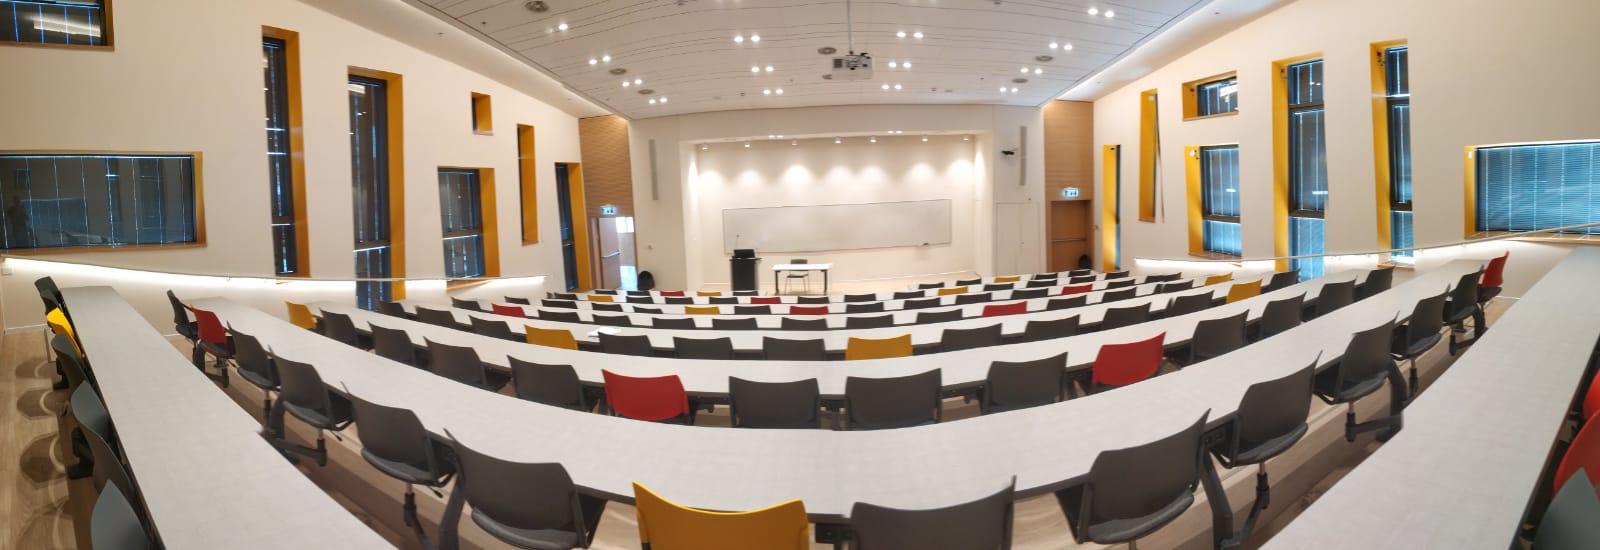 כיסאות כיתות למוד בית ברל מושבי רחף IRWIN (5)